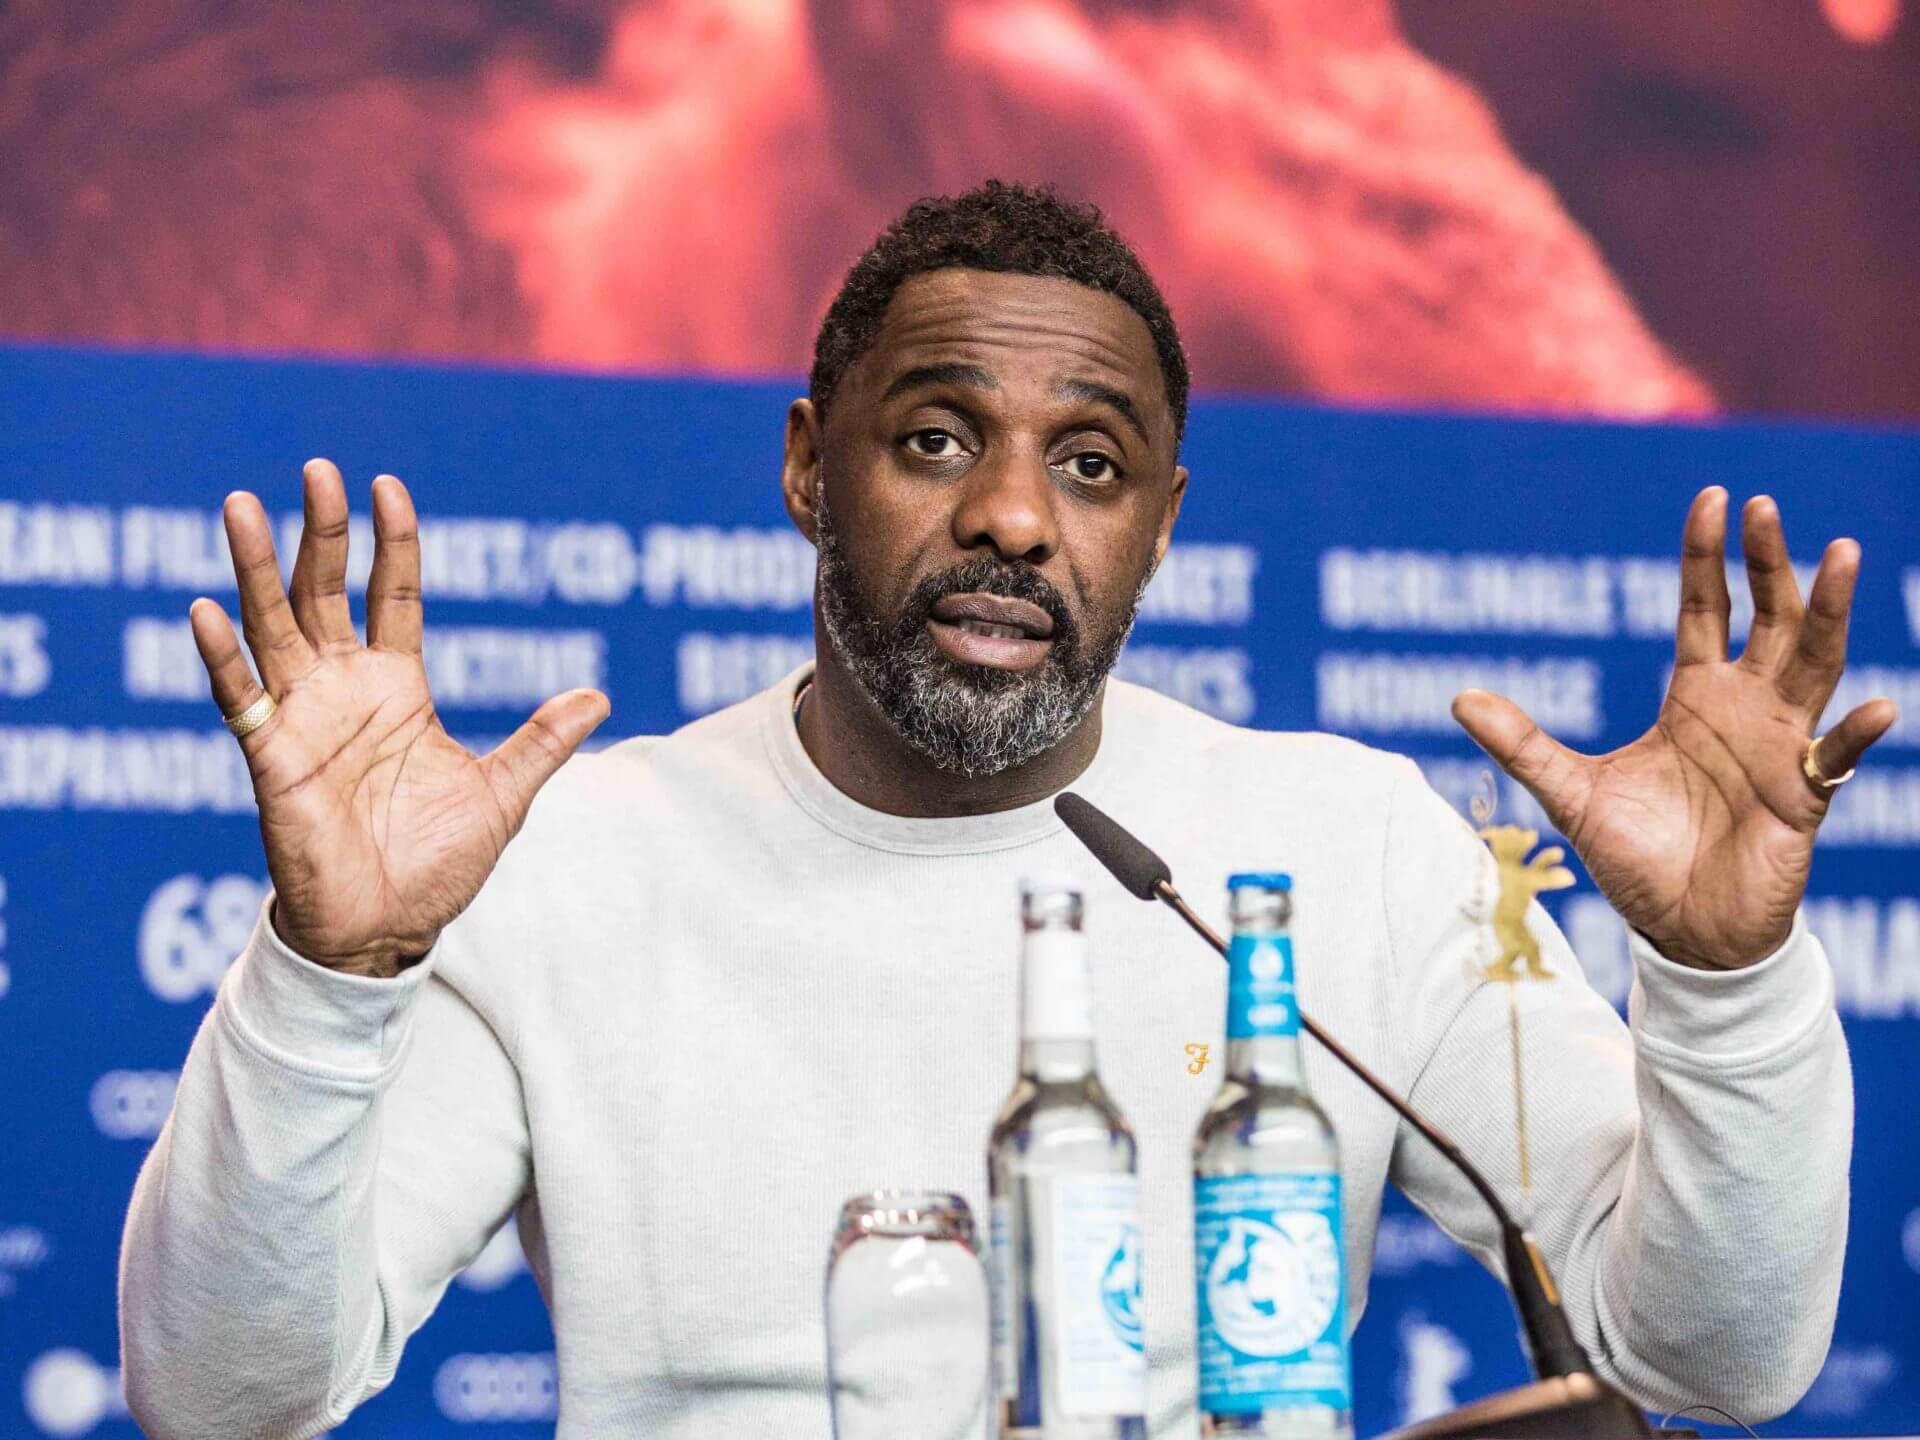 Idris Elba quibi